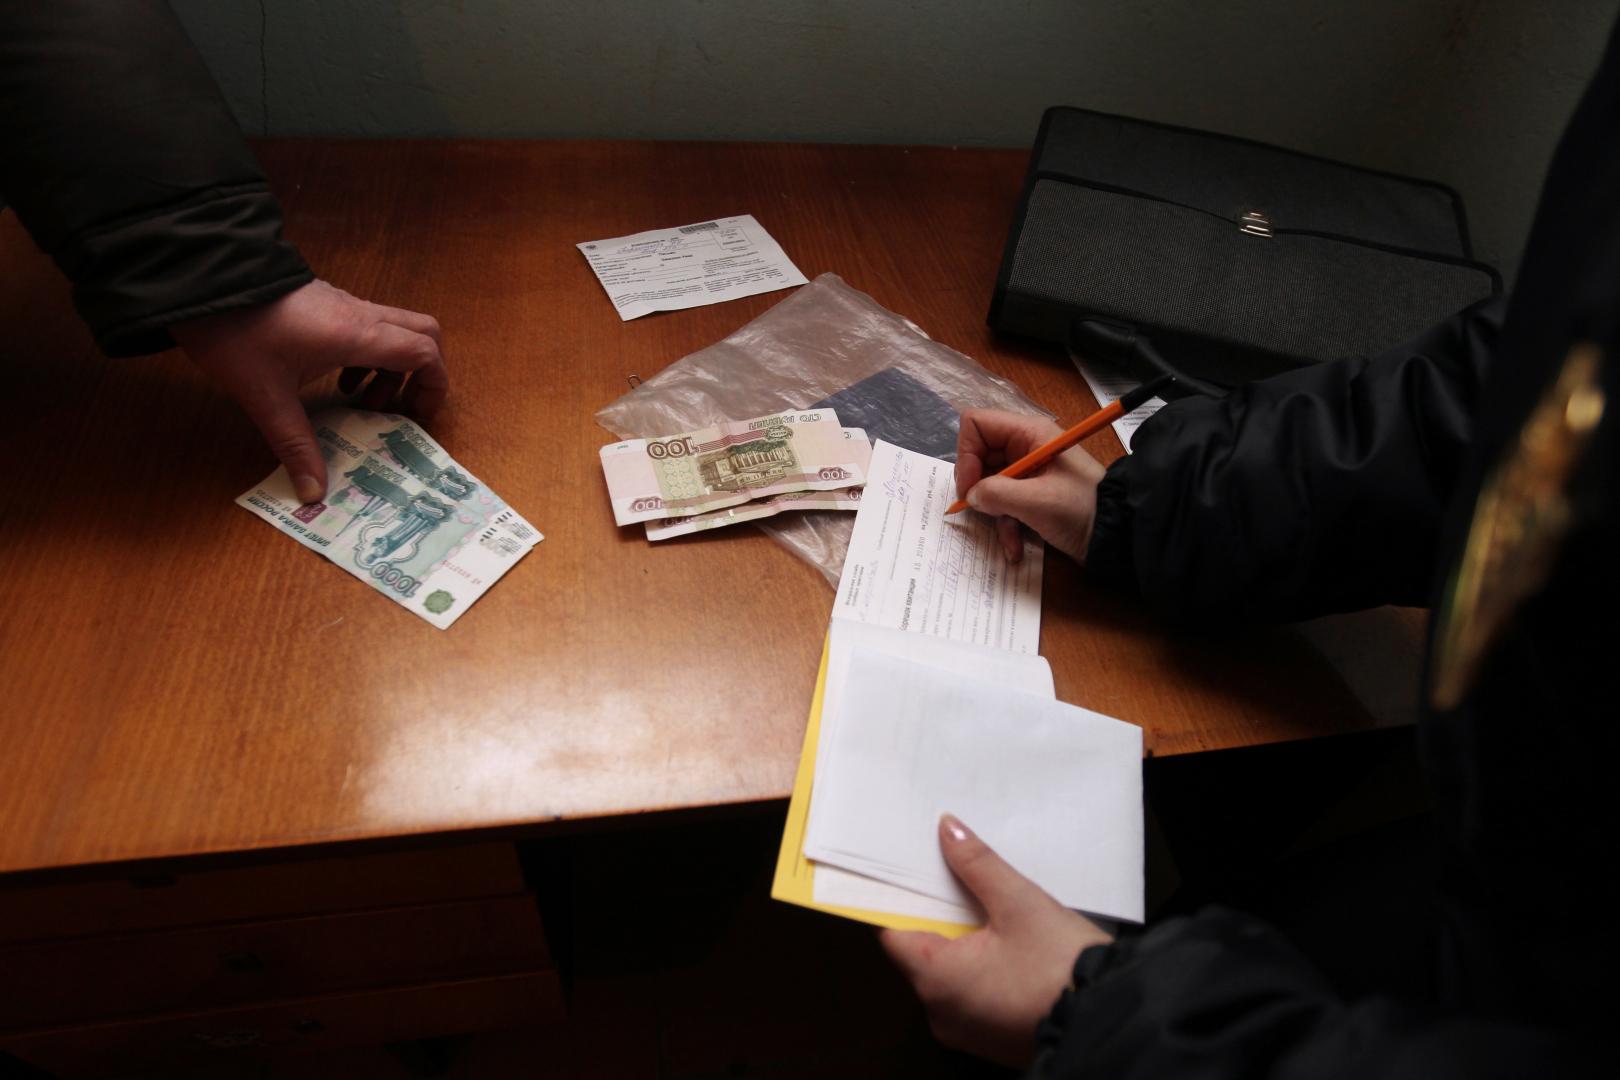 Как договориться с судебными приставами выплачивать долг частями?